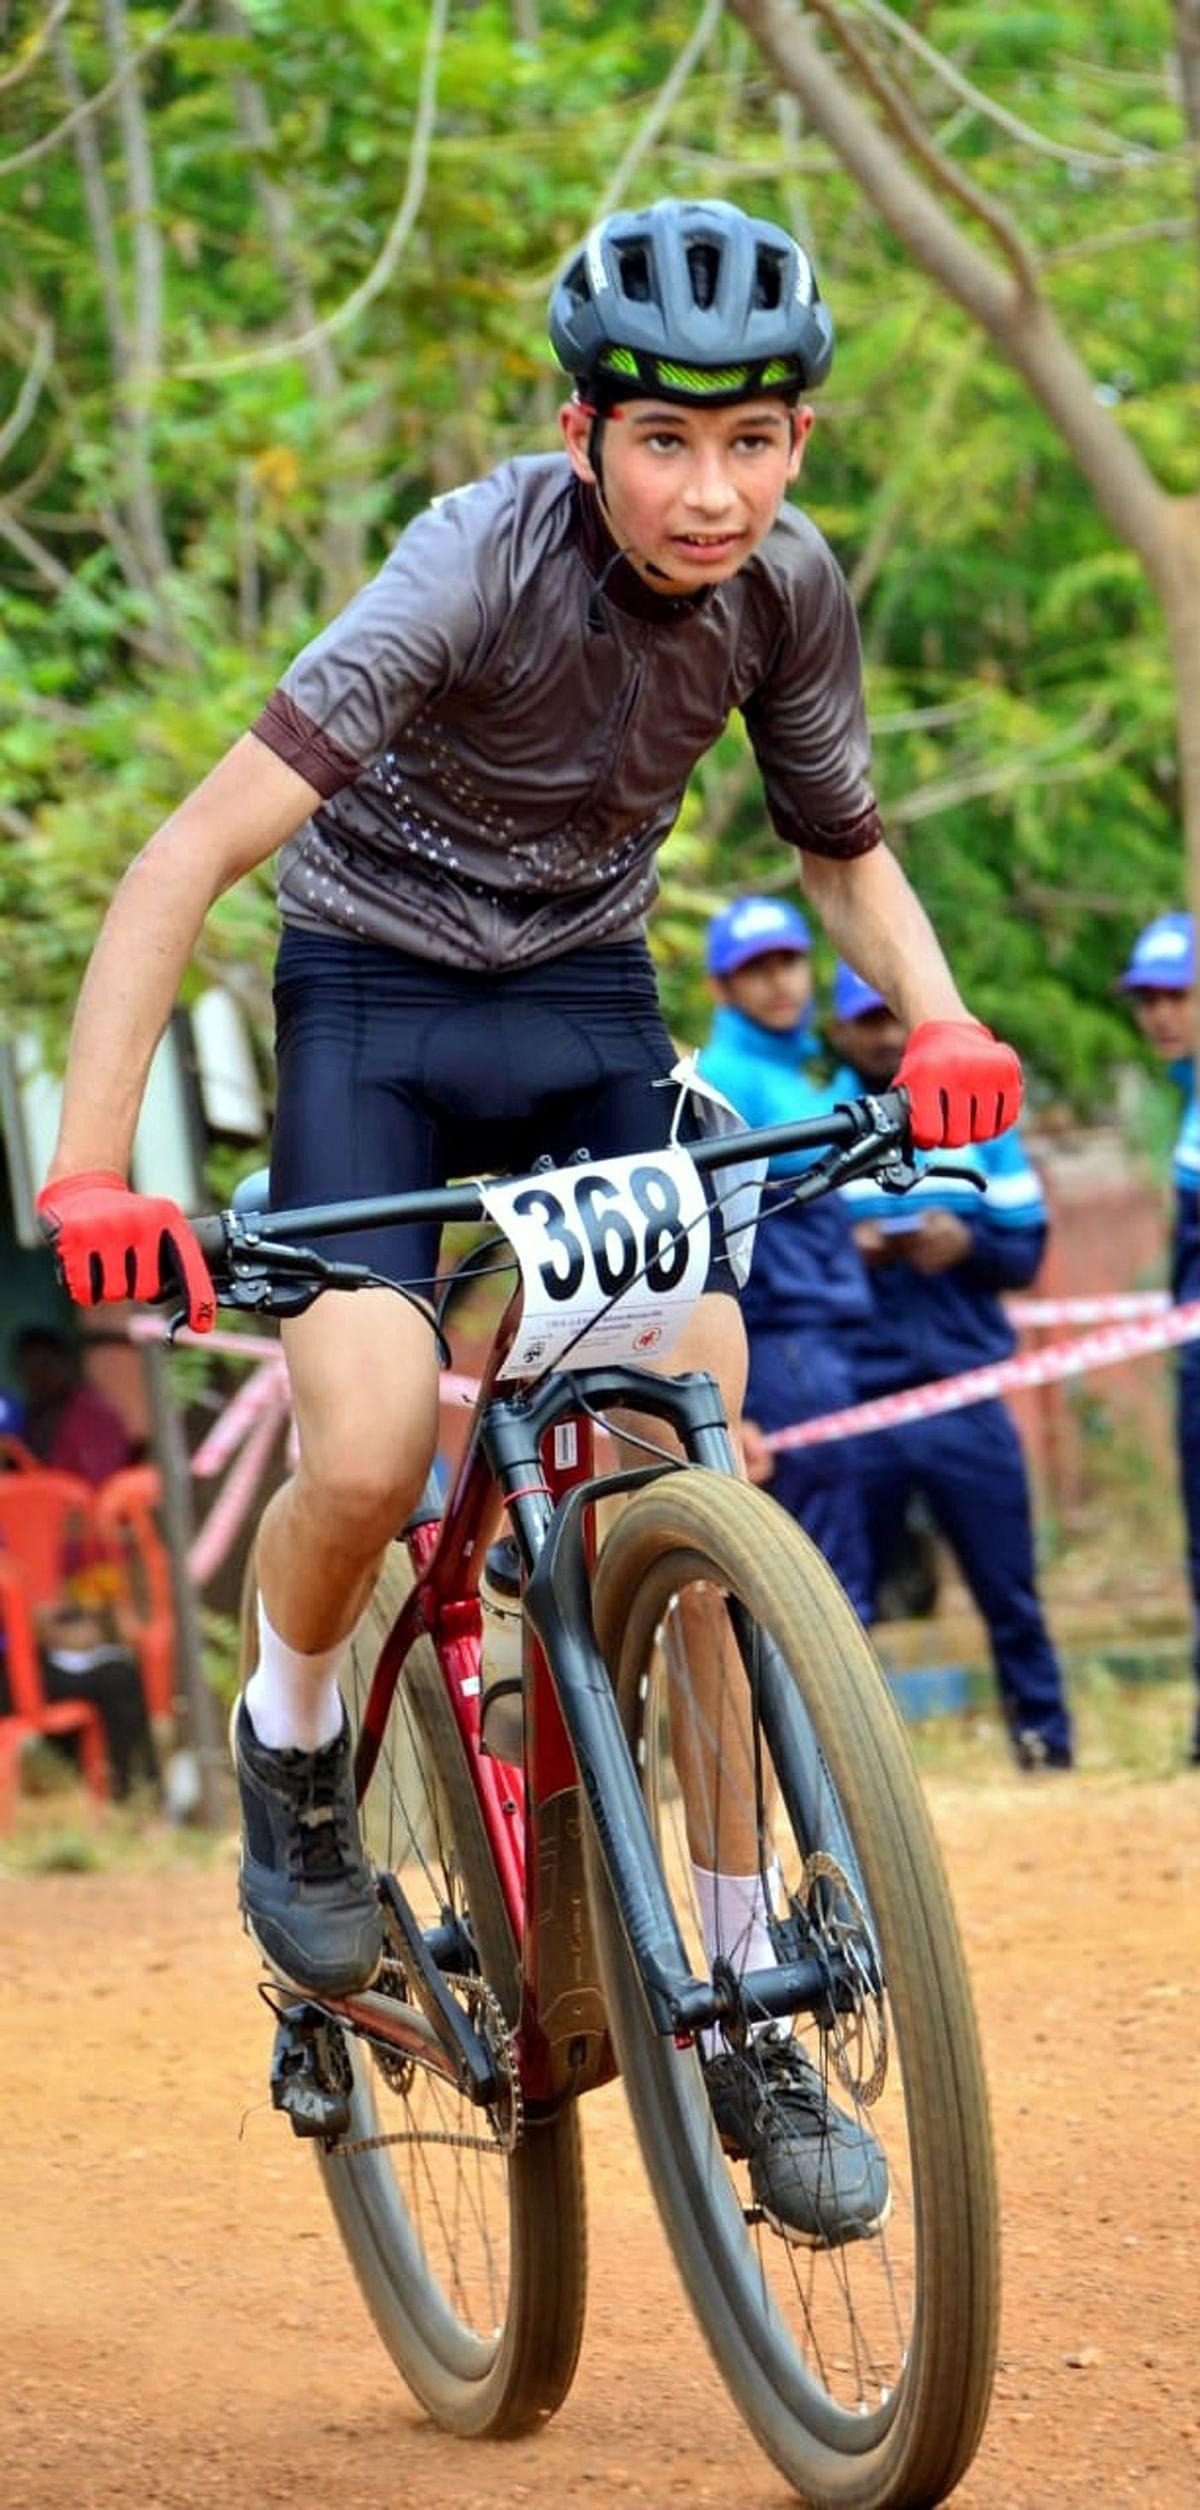 नैनीताल के नन्हे शिवांश ने कर्नाटक में साइकिलिंग में हासिल की बड़ी उपलब्धि